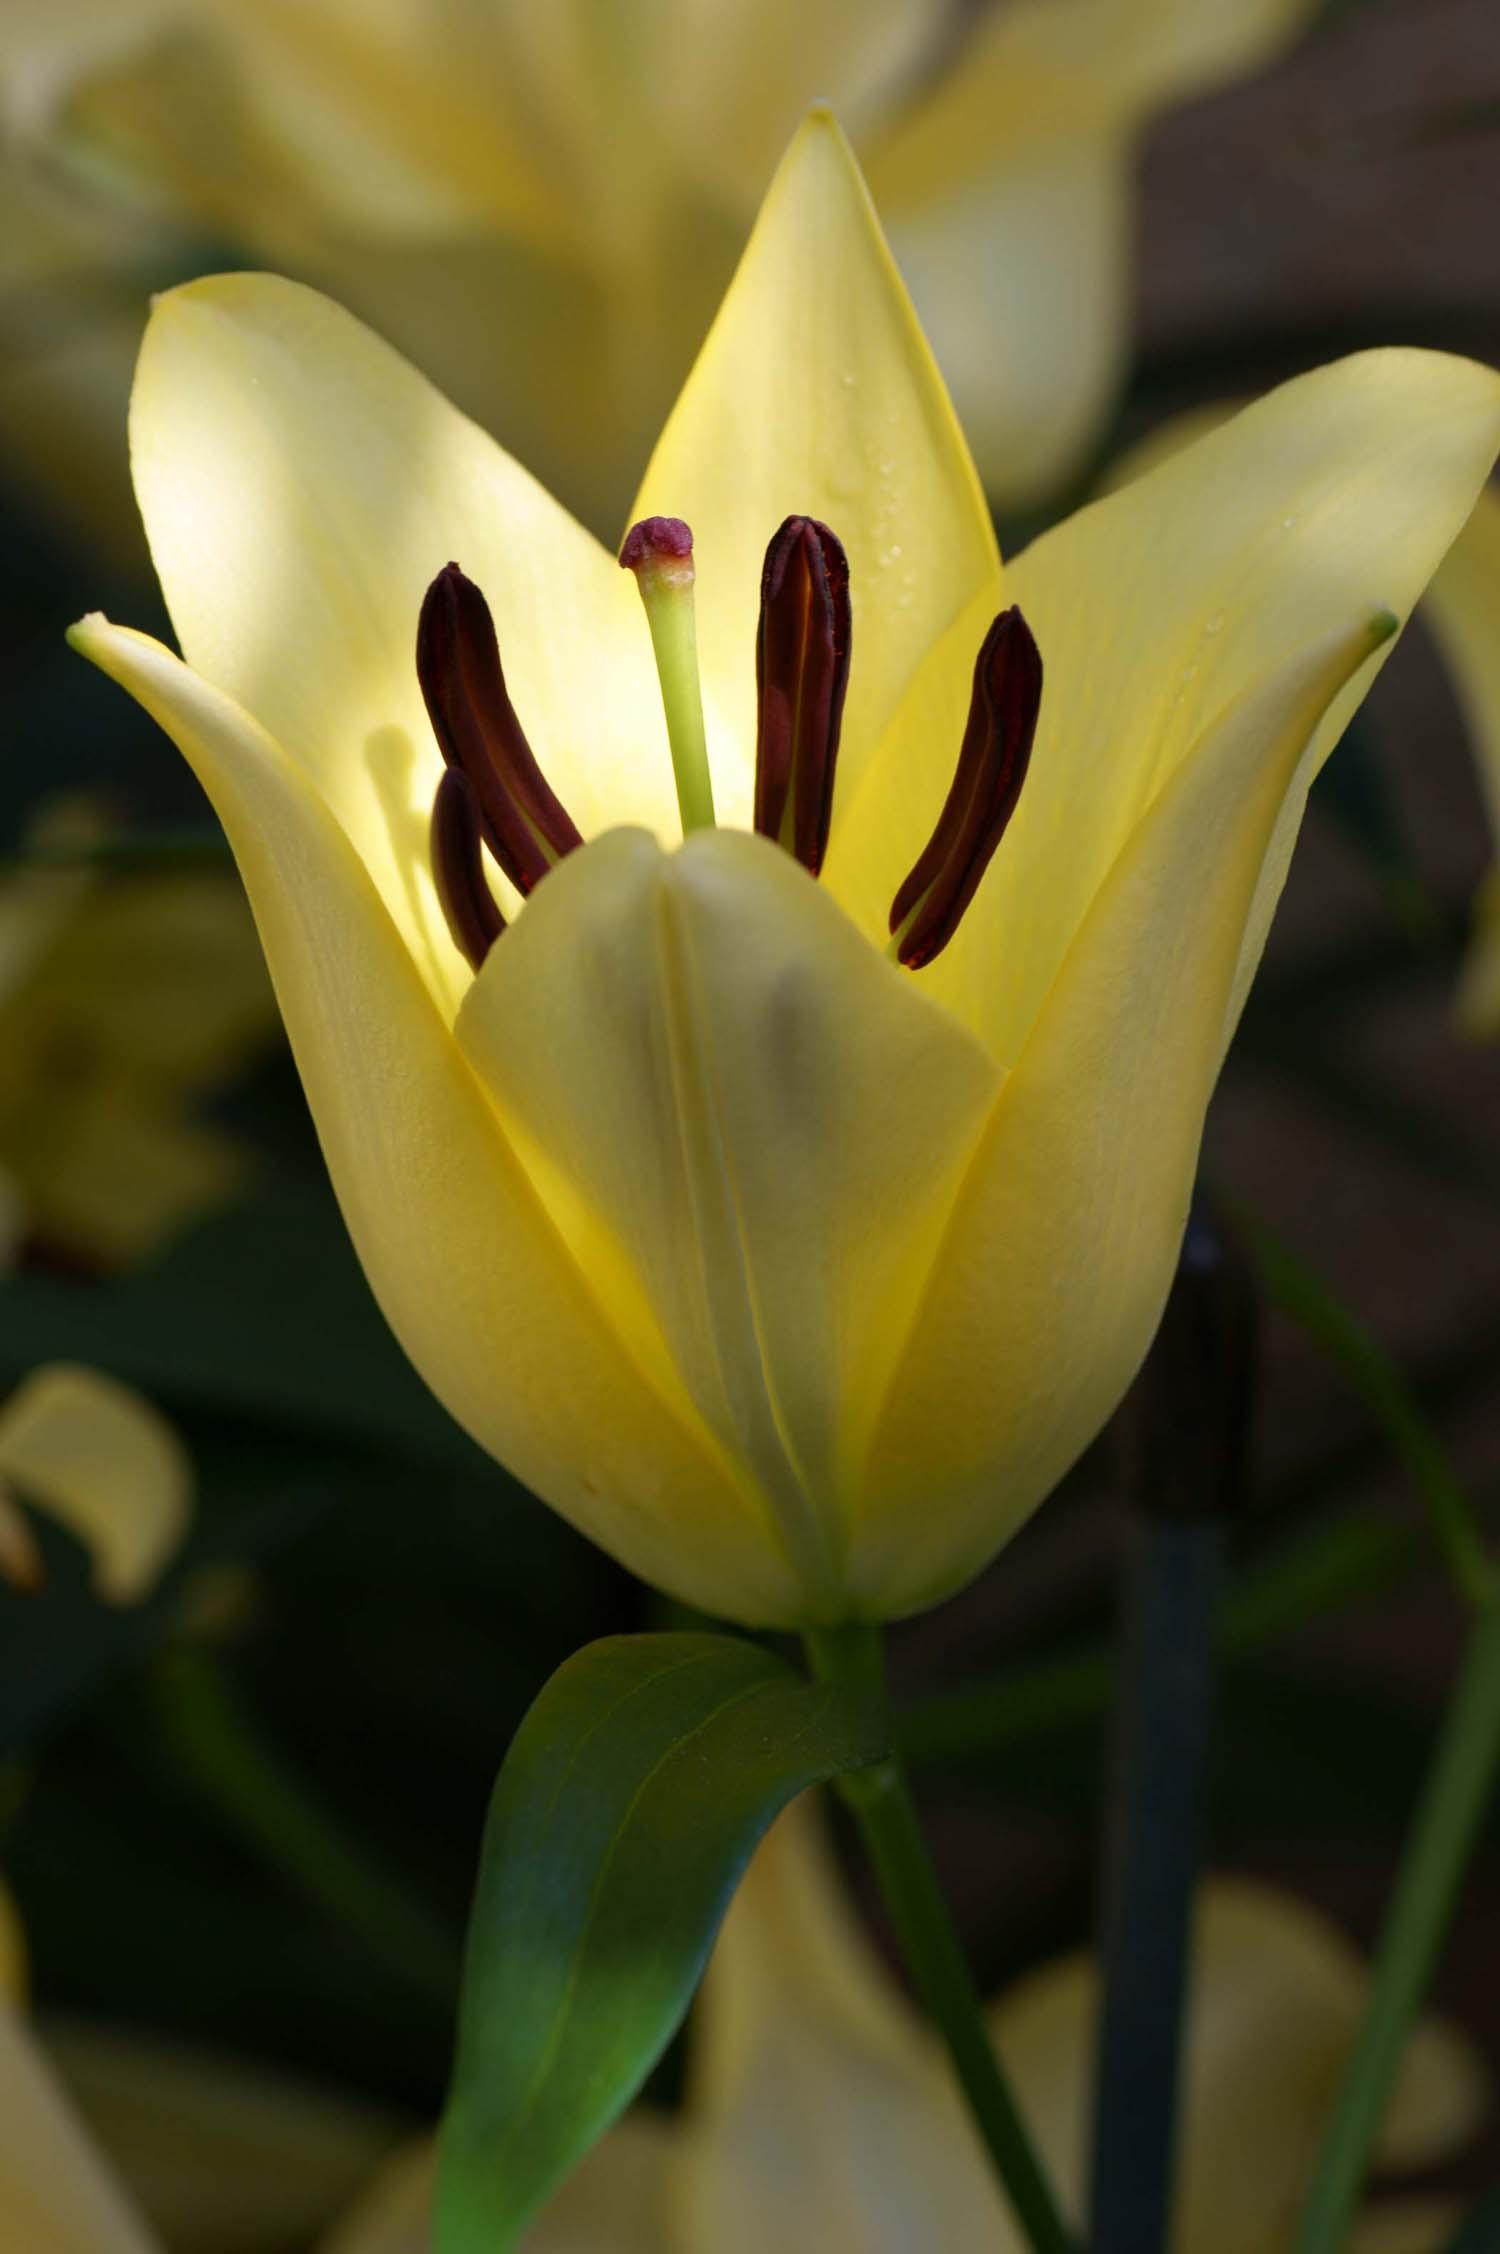 Filebeautiful cream lily flower photog wikimedia commons filebeautiful cream lily flower photog izmirmasajfo